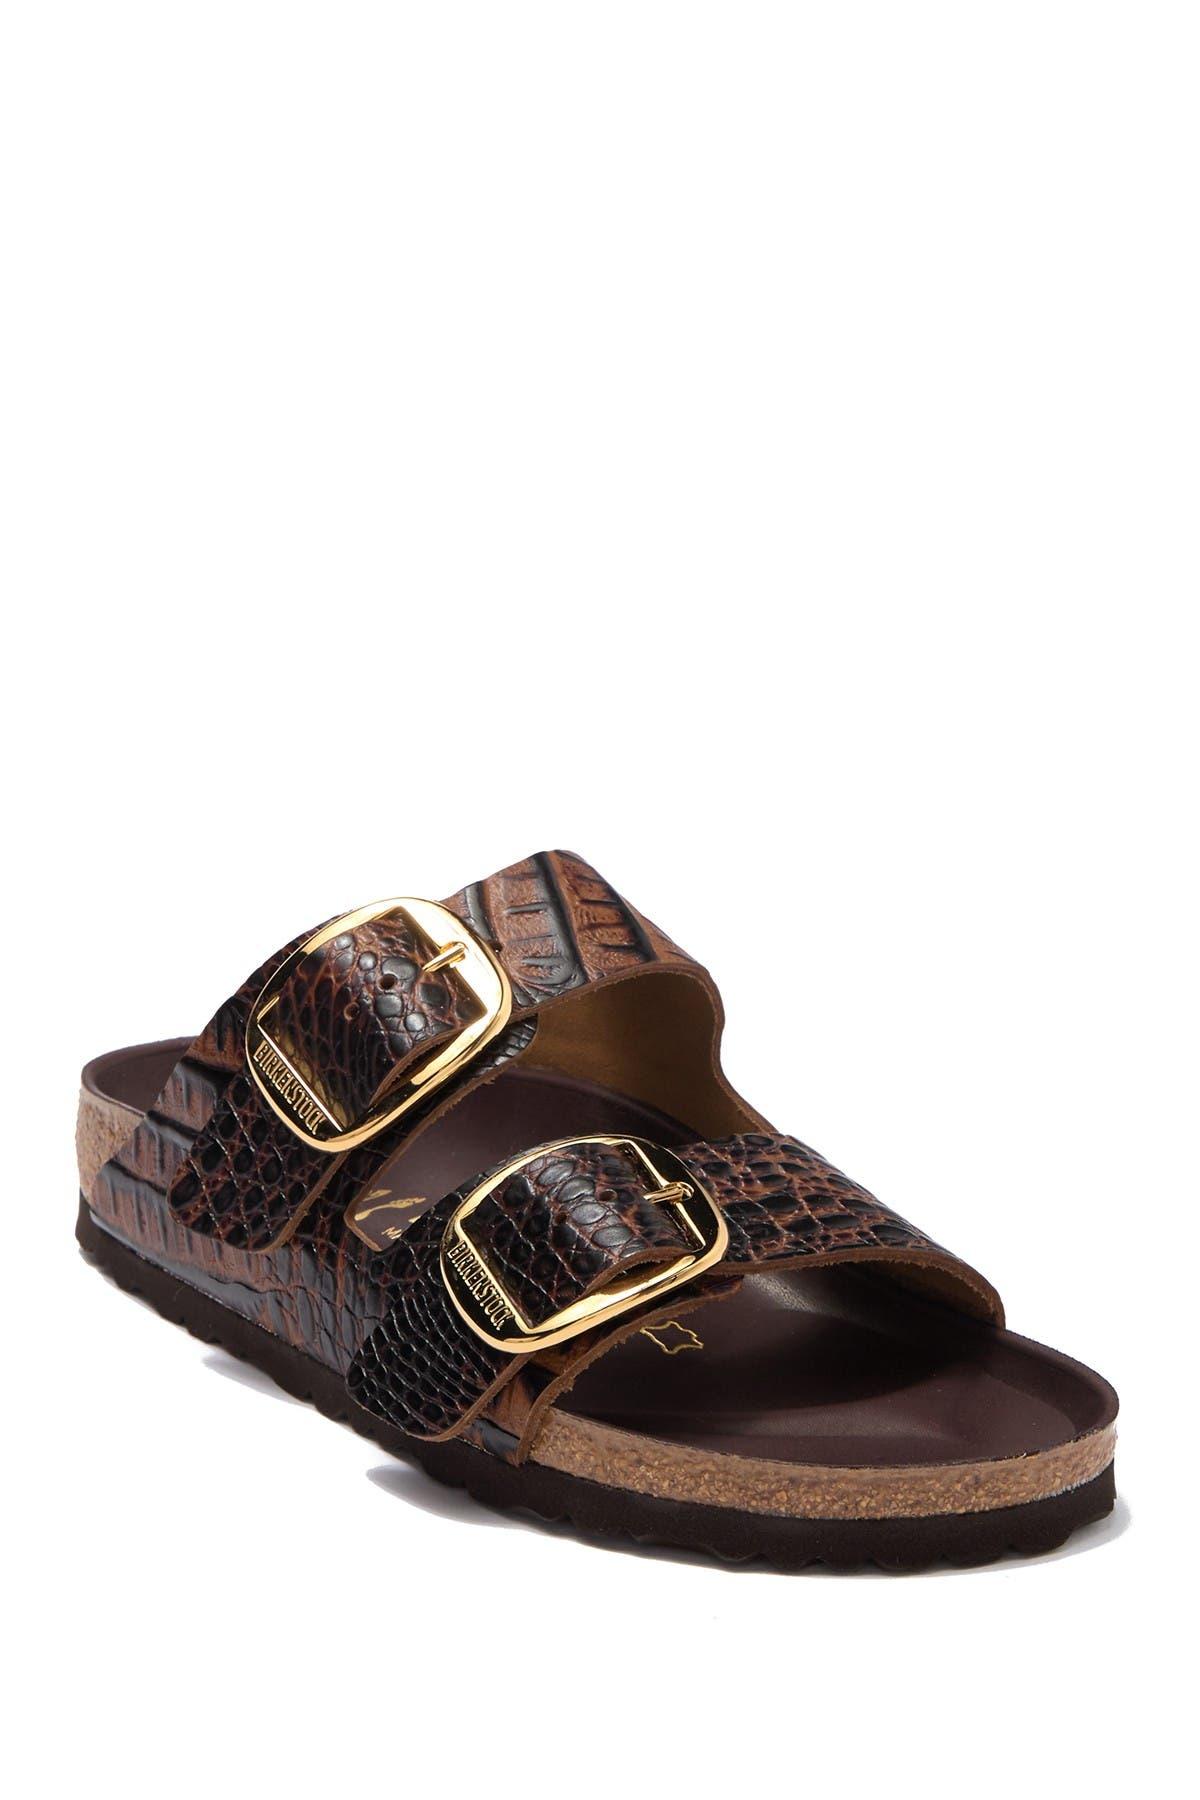 Arizona Croc-Embossed Leather Slide